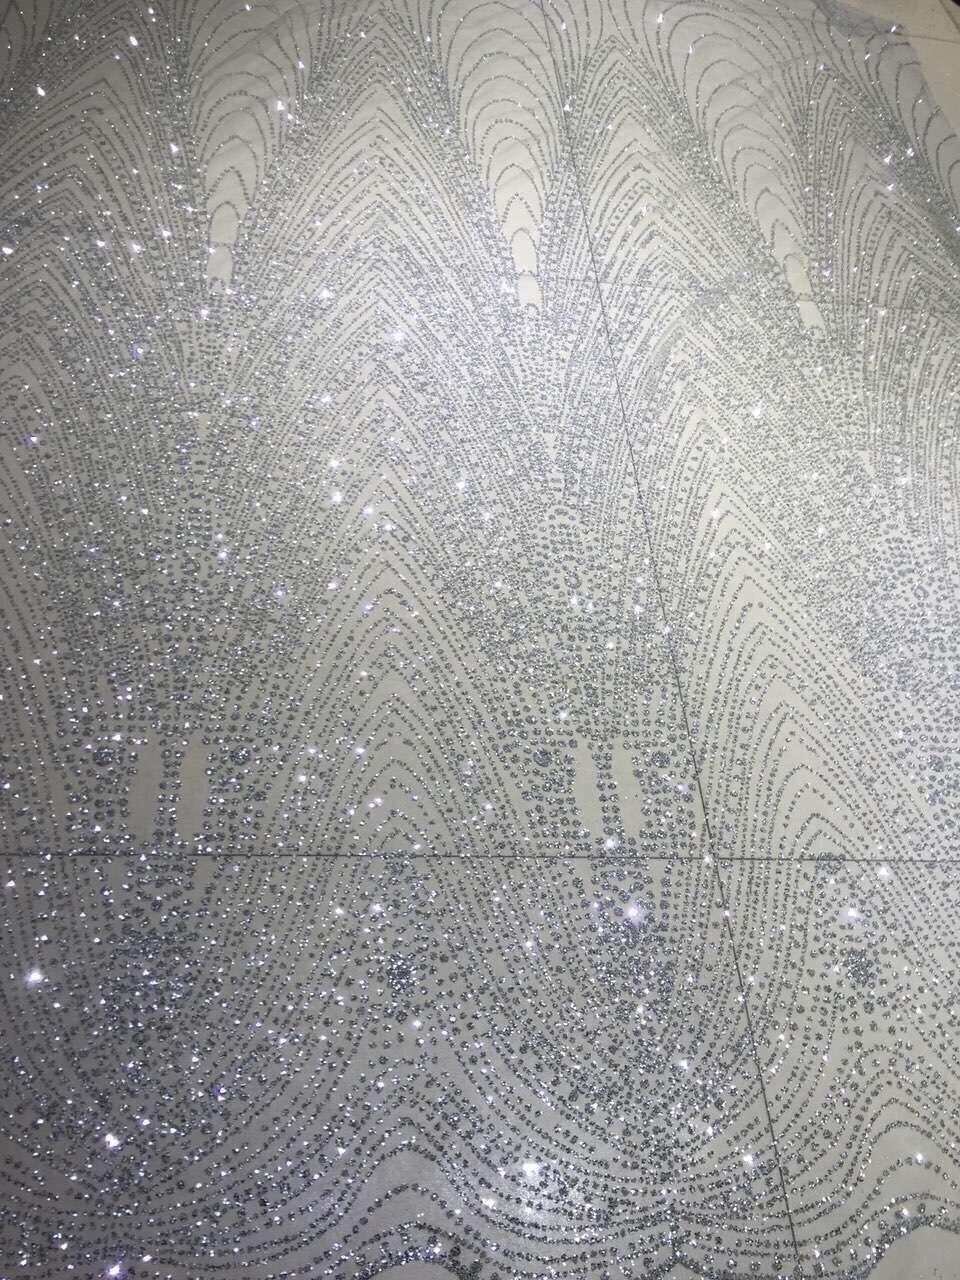 Cyndi 101062 zroszony klejone brokat cekiny koronki tkaniny gorący sprzedawanie afryki francuski koronki netto koronki tkaniny na imprezę w Koronka od Dom i ogród na  Grupa 1